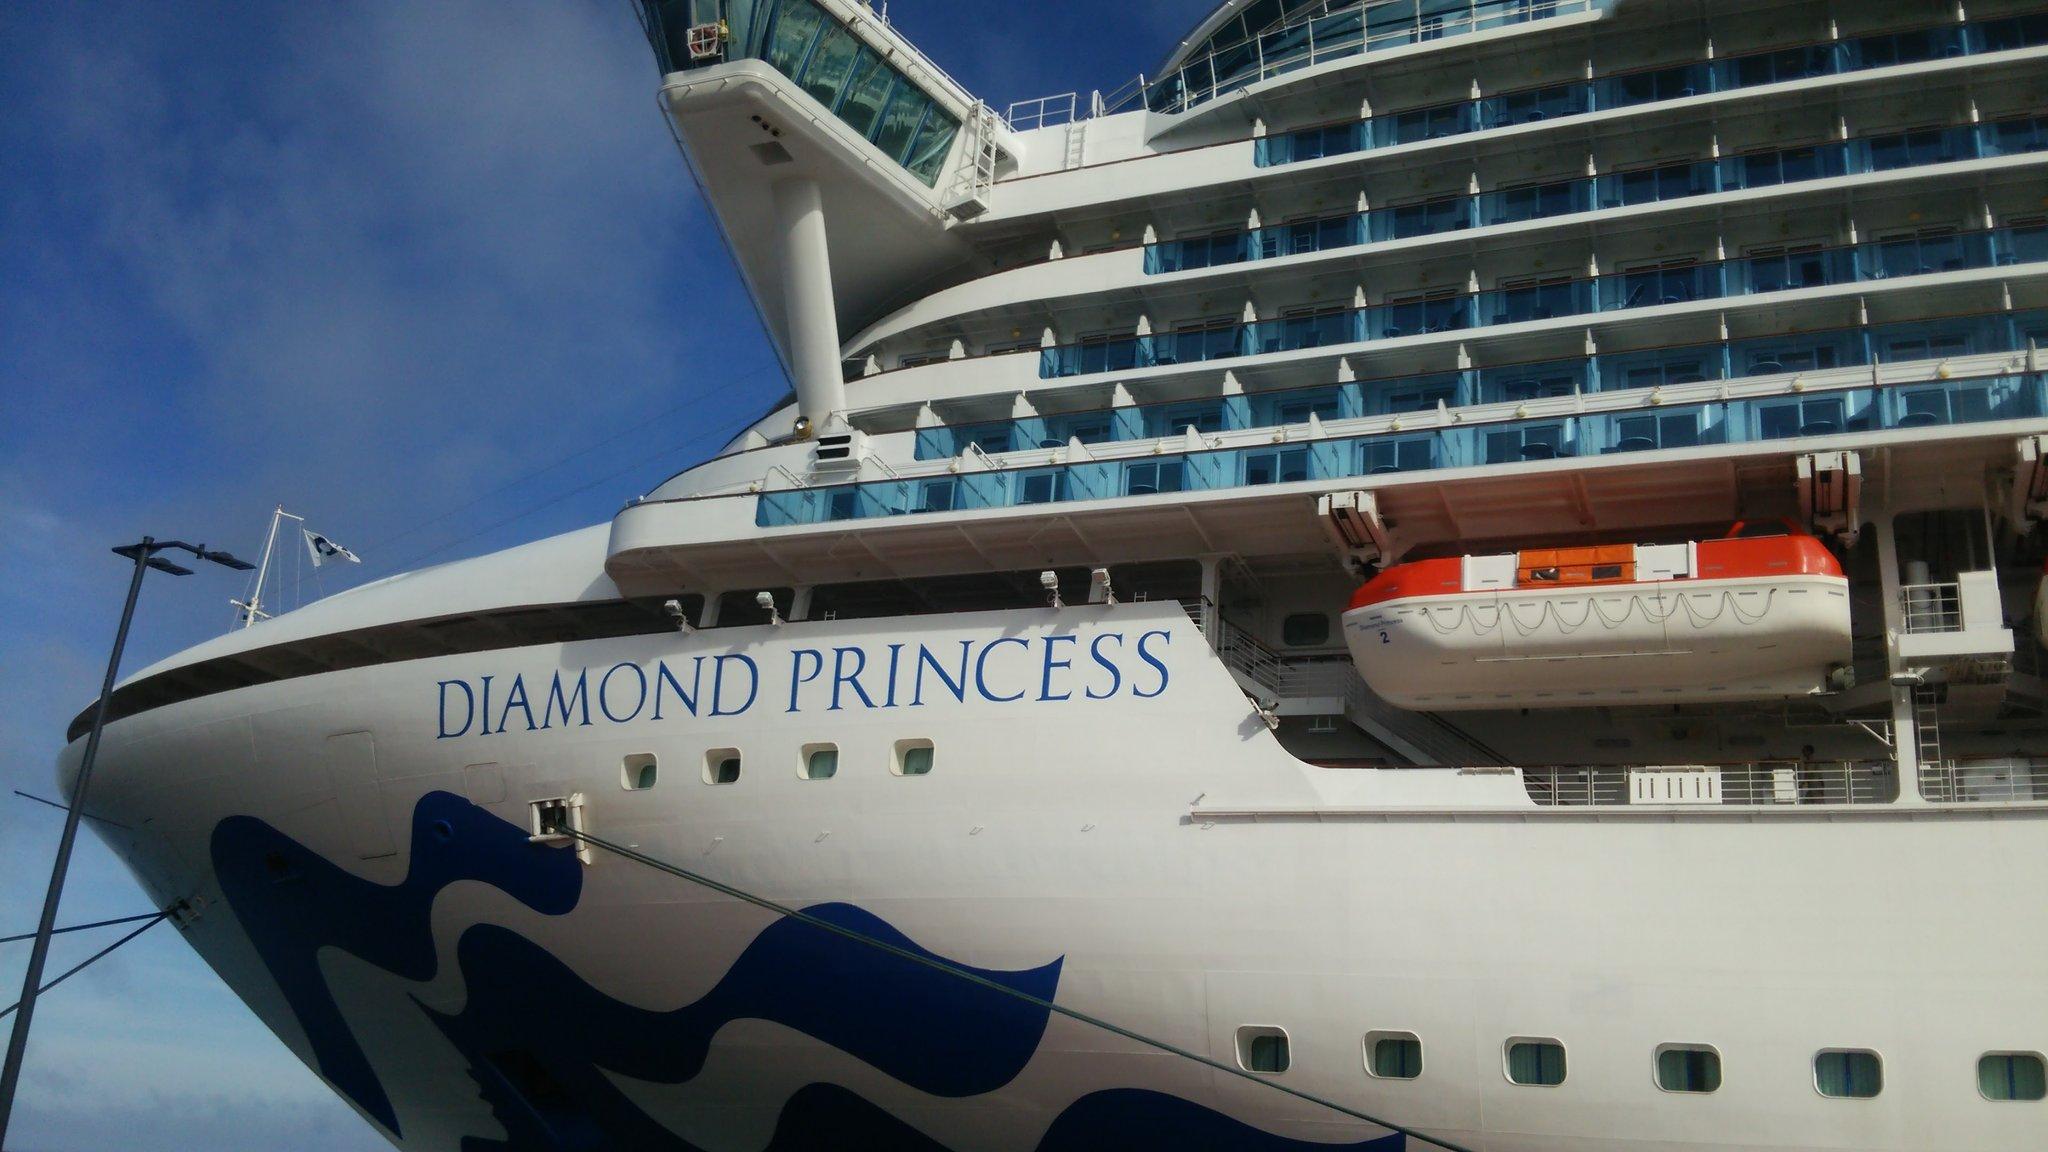 السفينة دايموند برينسيس